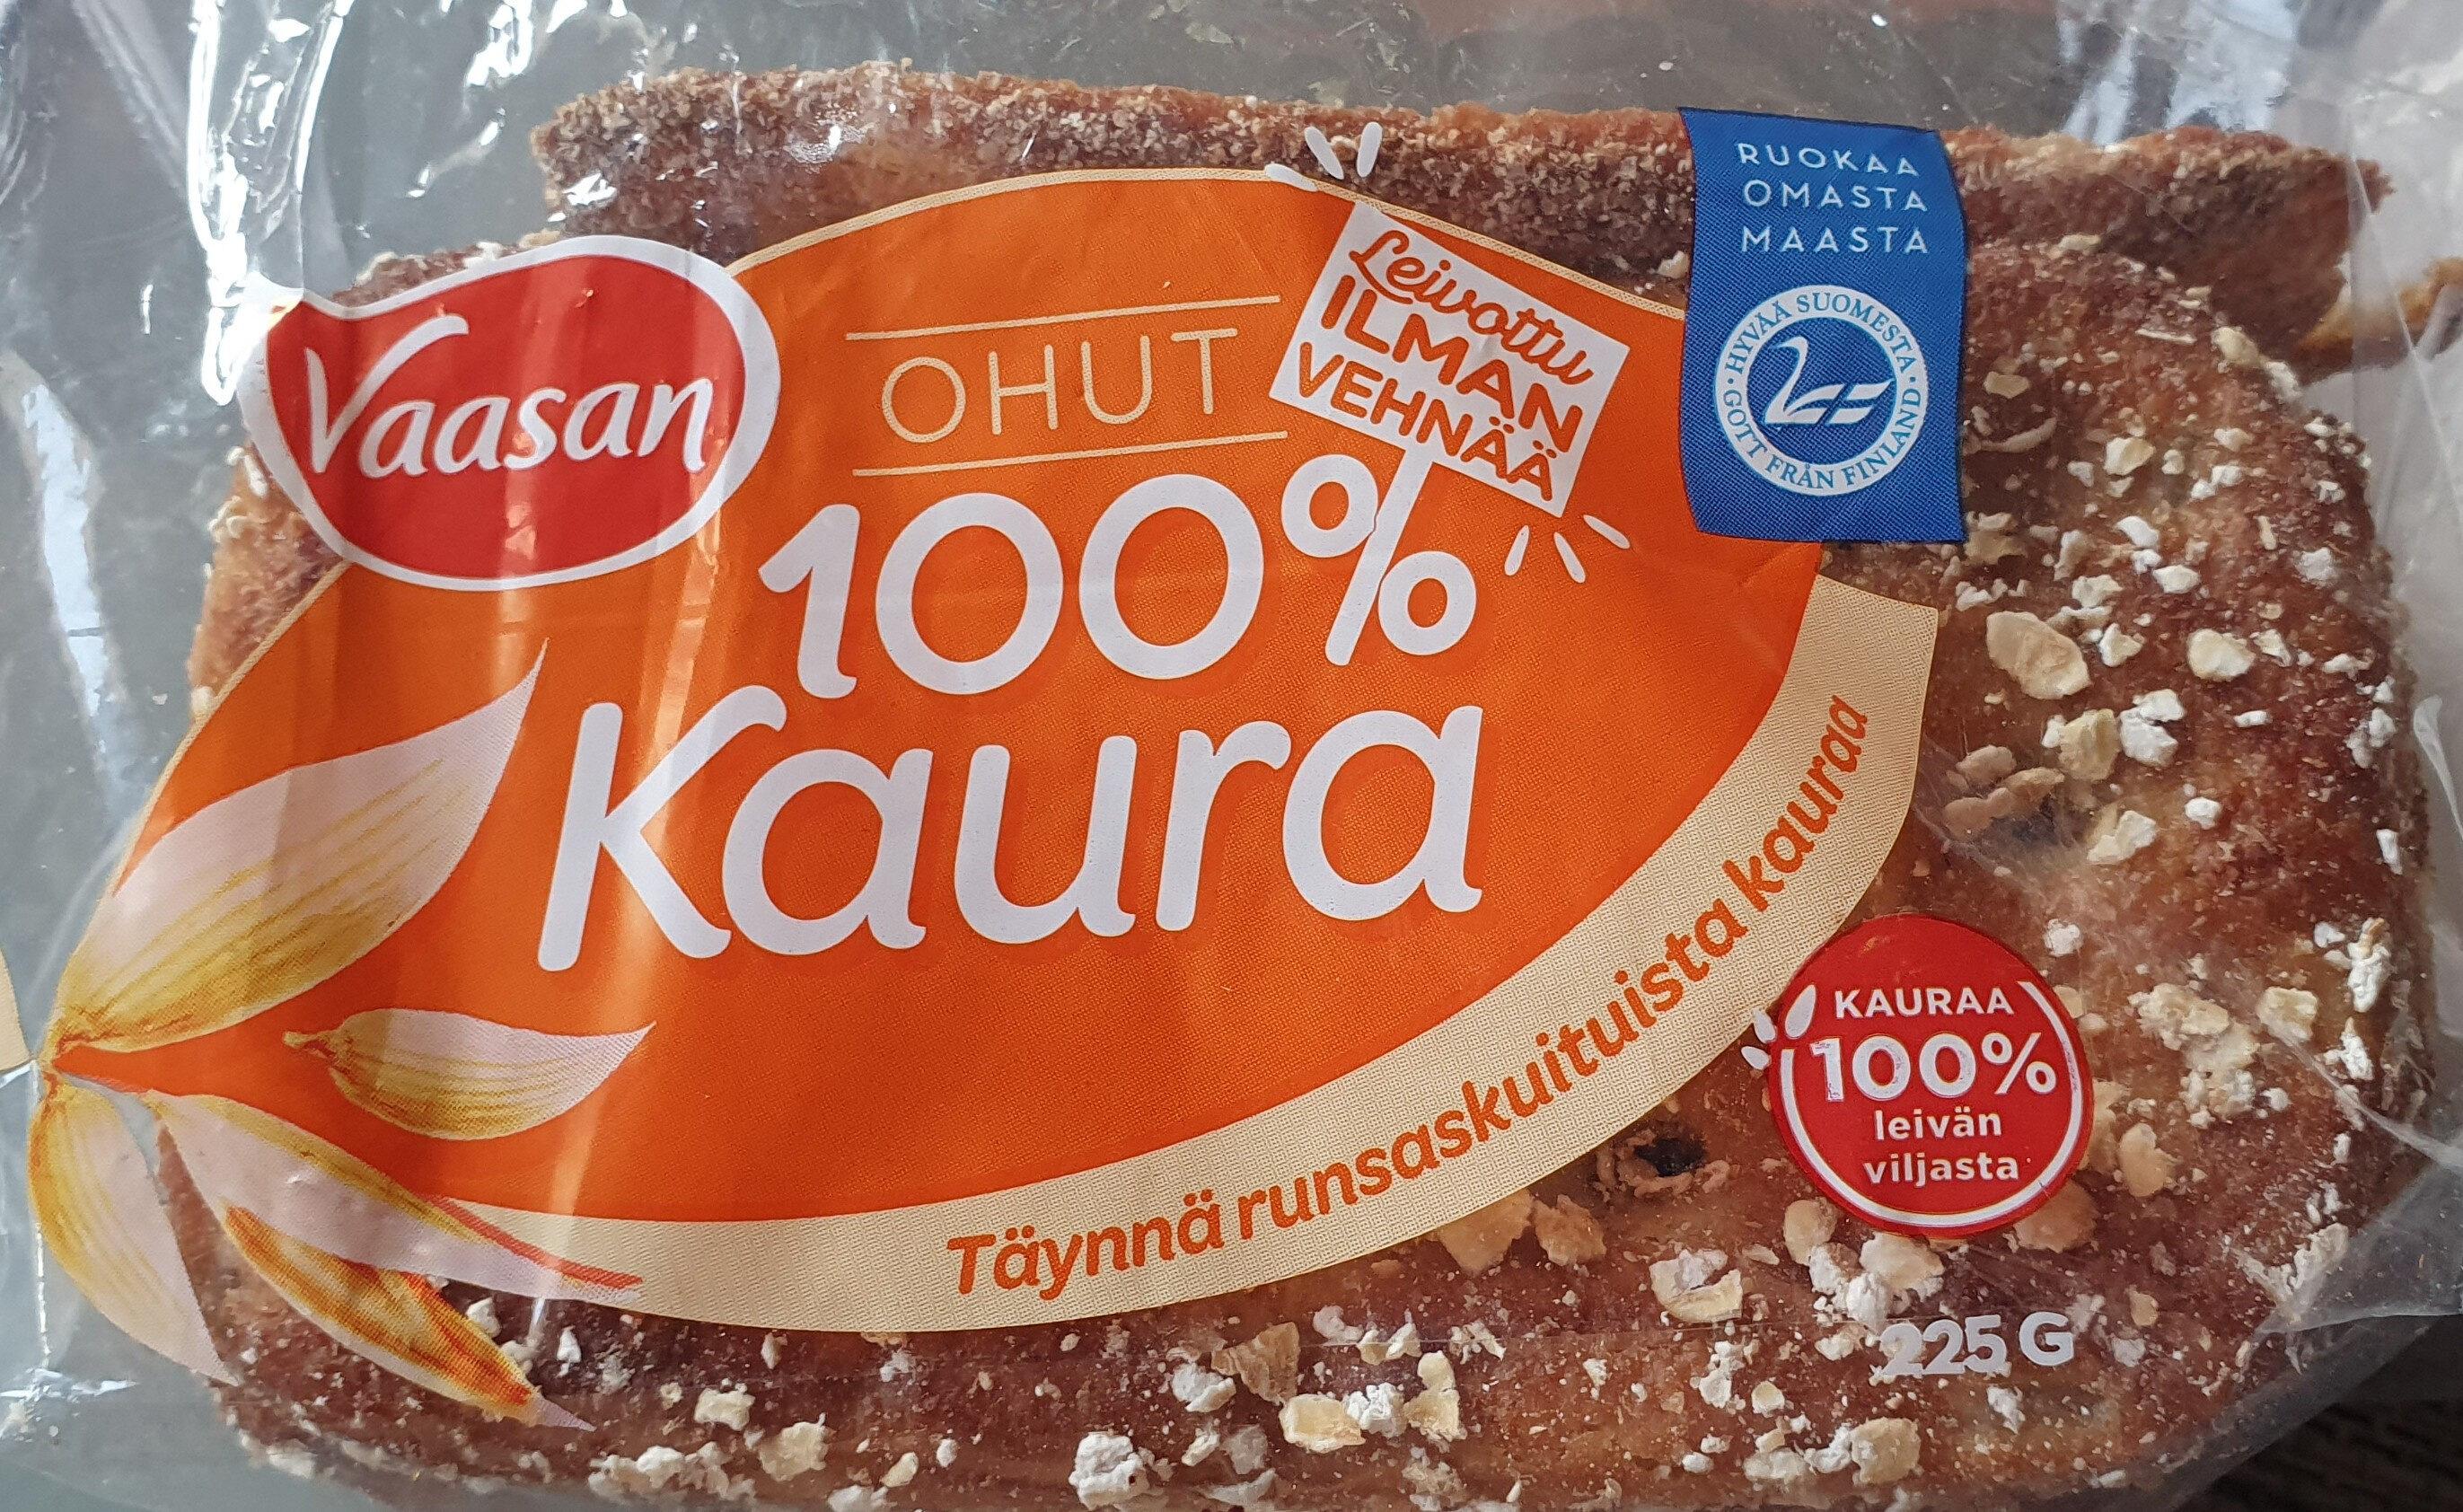 Ohut 100% Kaura - Produit - fi